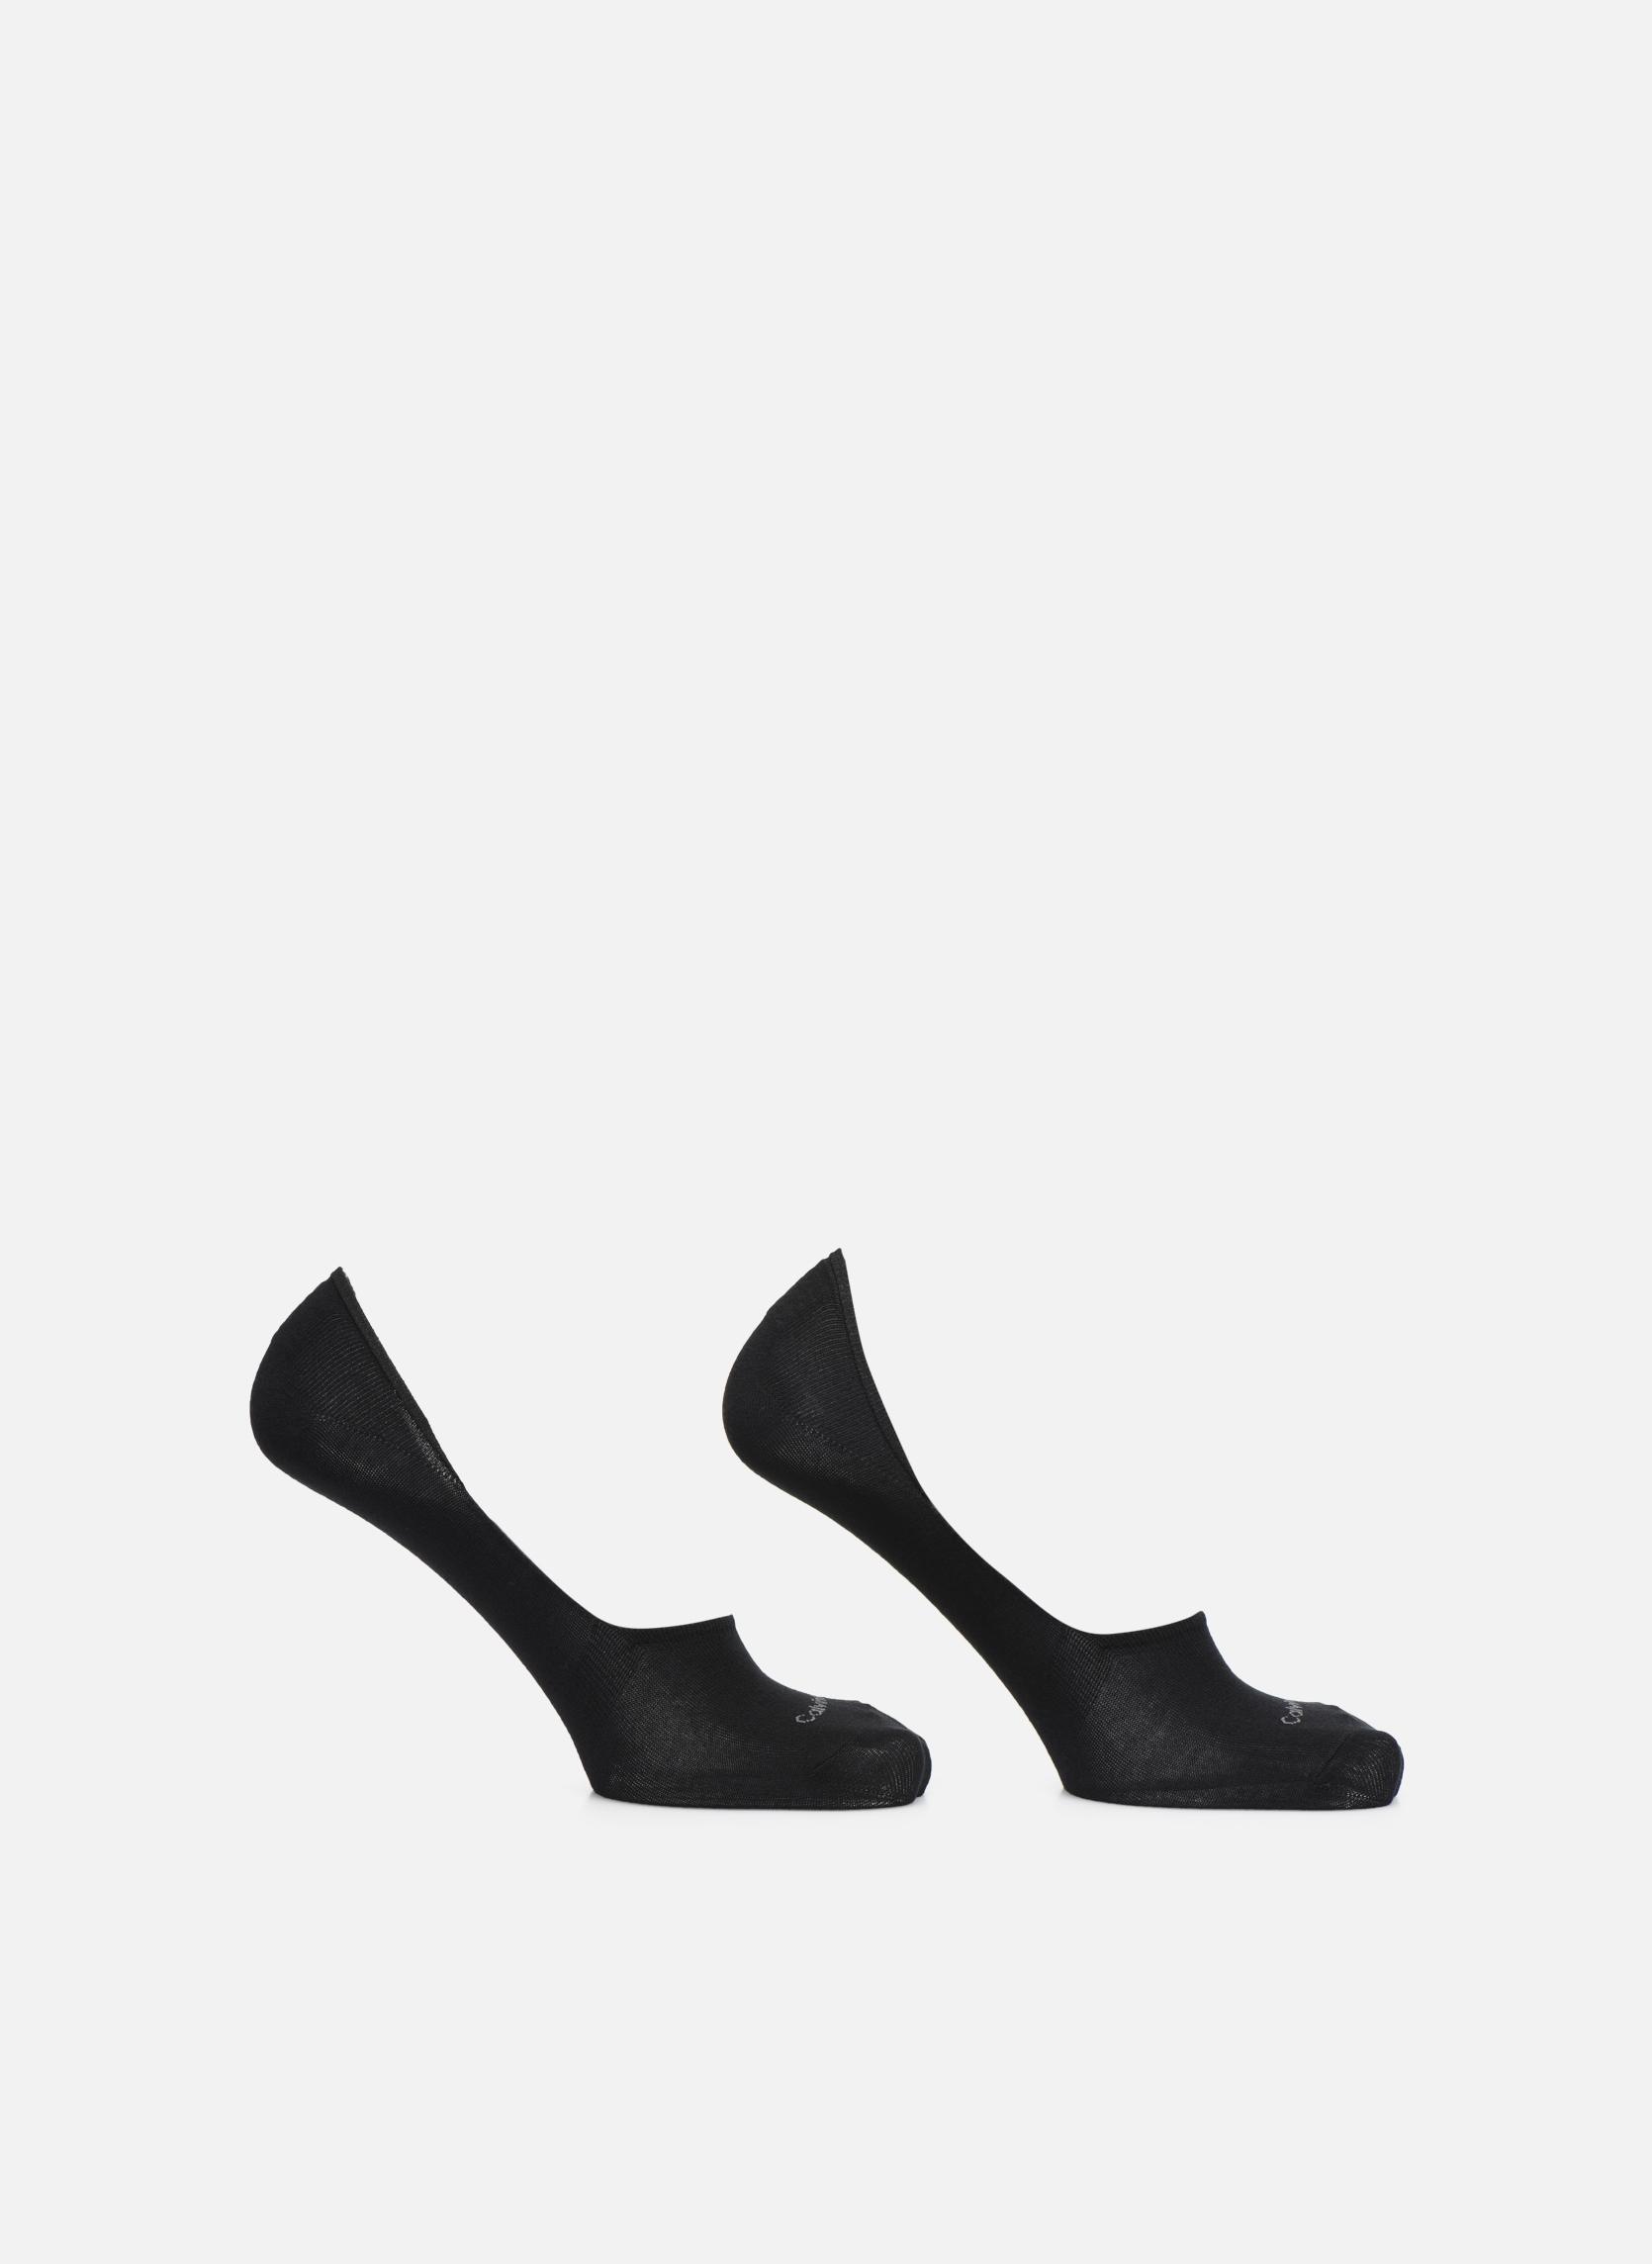 Chaussettes et collants Accessoires Lot de deux paires de Chaussettes Invisibles Unies - Black